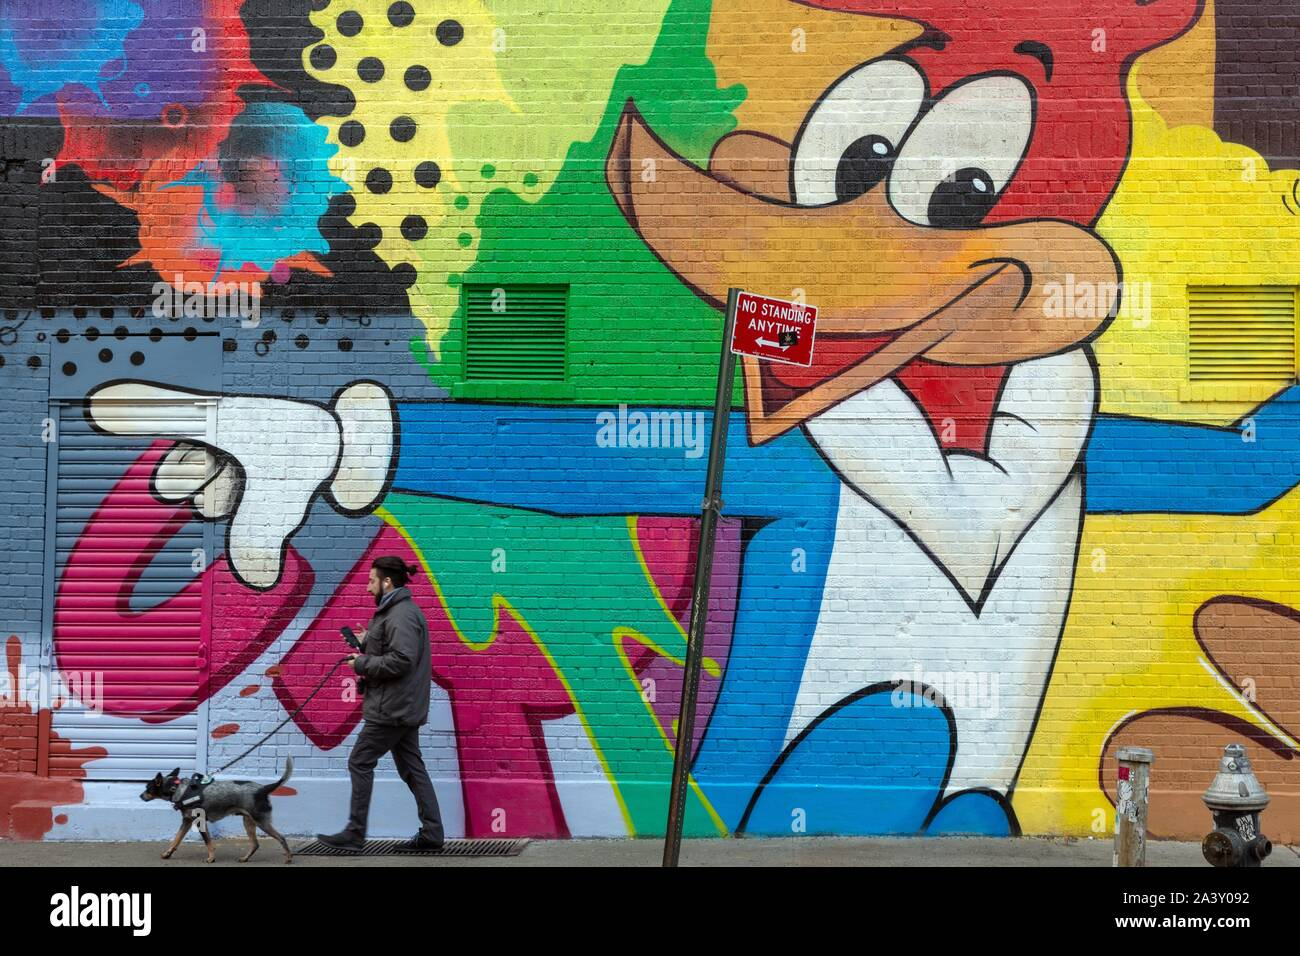 El hombre y su perro DELANTE DE UN MURAL efímero, Little Italy, Manhattan, NUEVA YORK, ESTADOS UNIDOS, EE.UU. Foto de stock